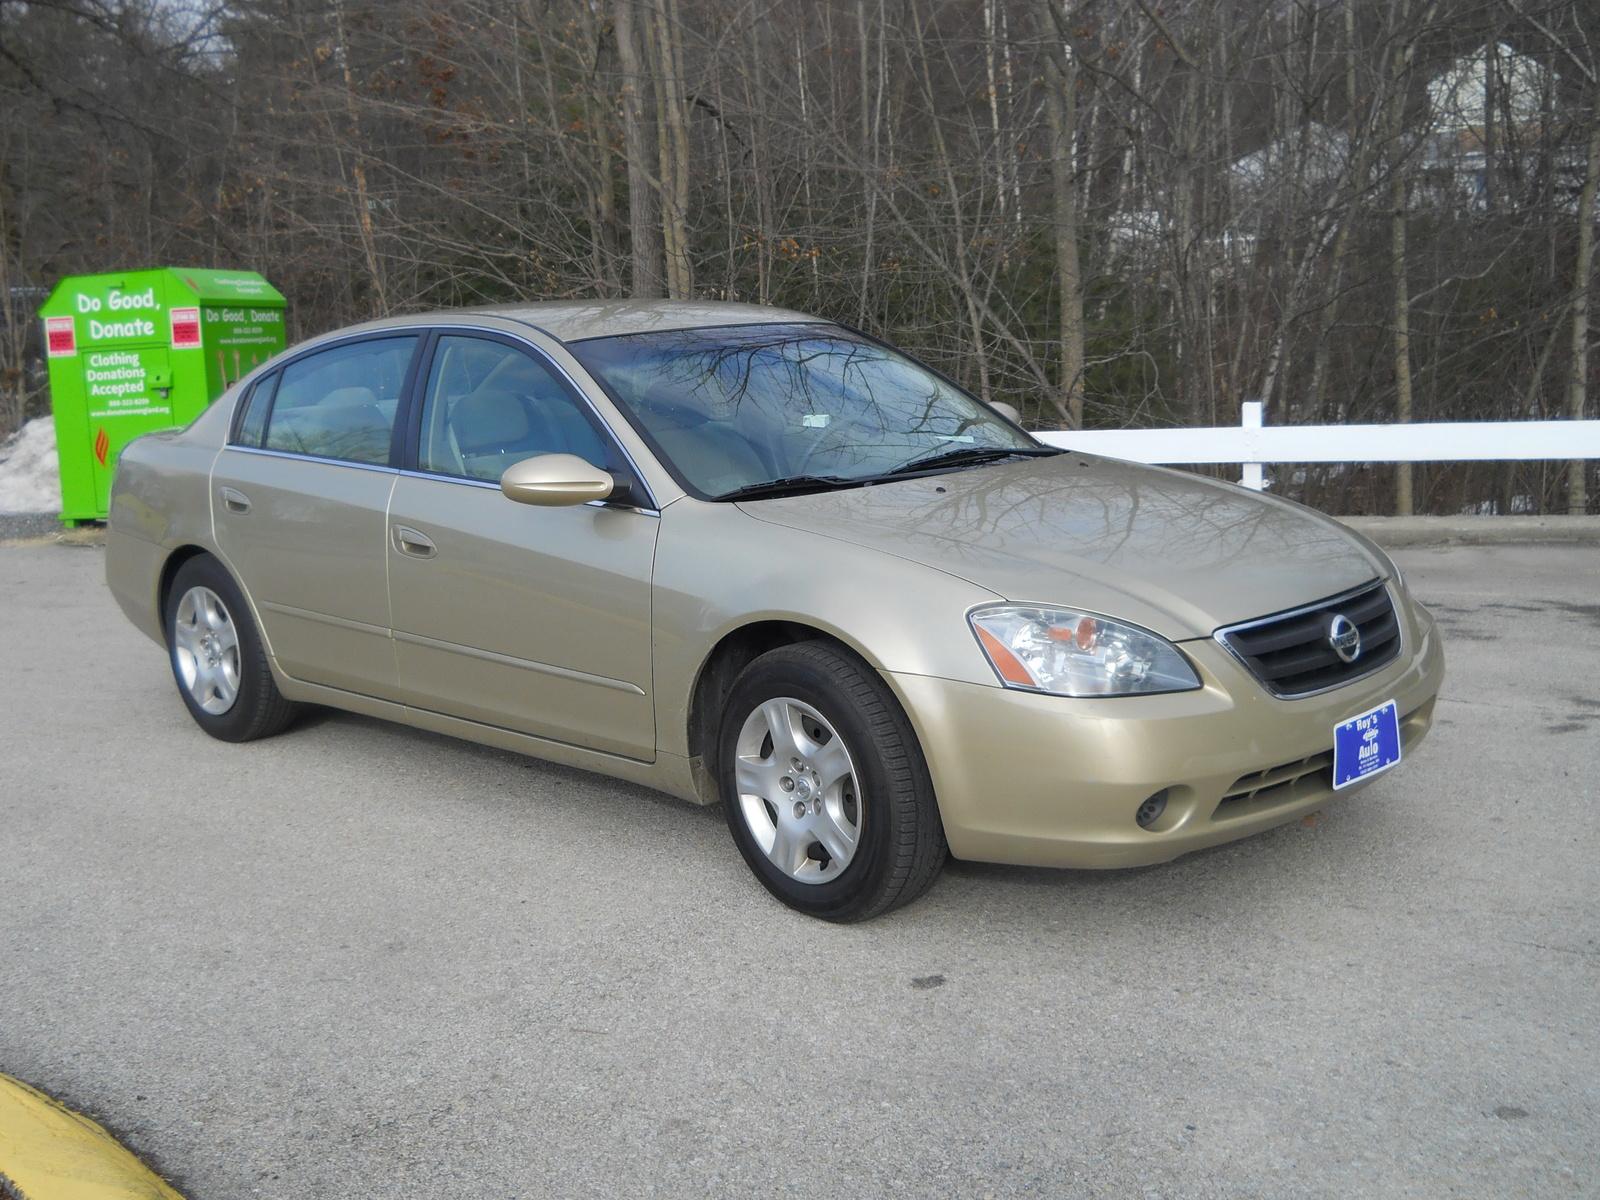 2003 Nissan Altima Pictures Cargurus